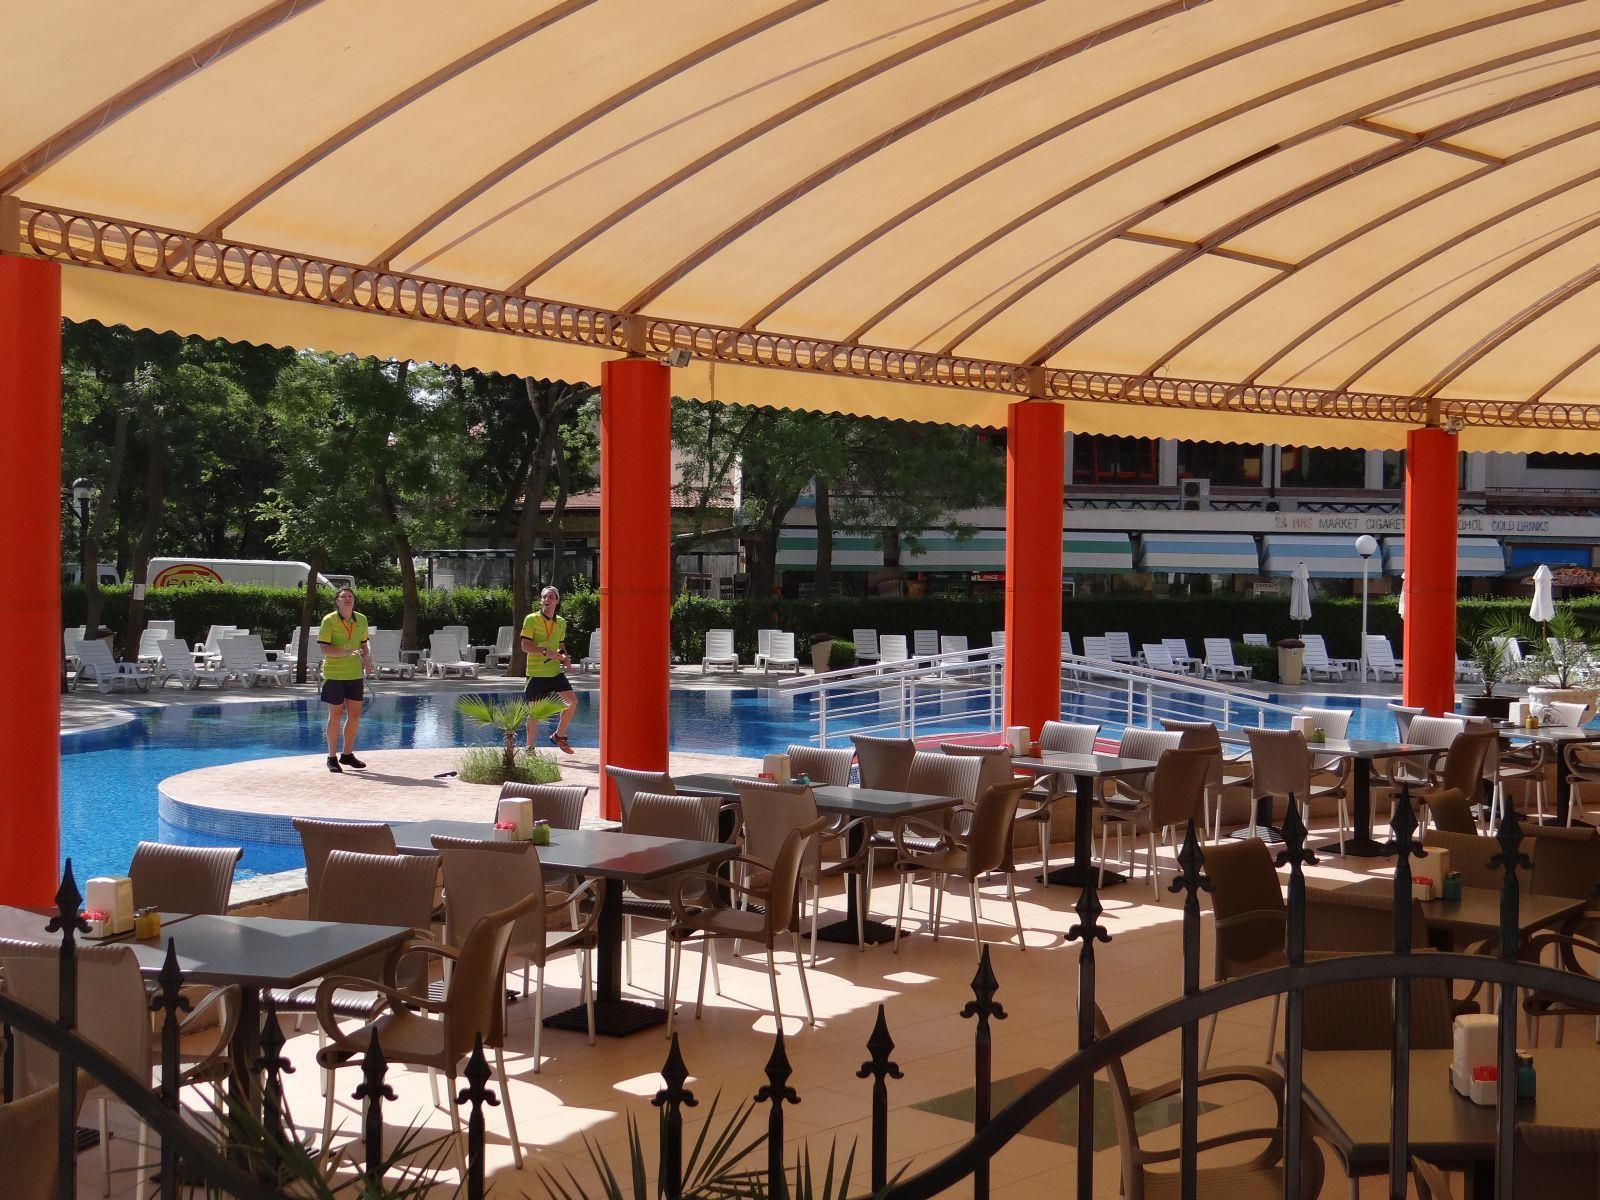 Четырех-звездочный mpm hotel kalina garden расположен в самом центре самого большого черноморского курорта солнечный